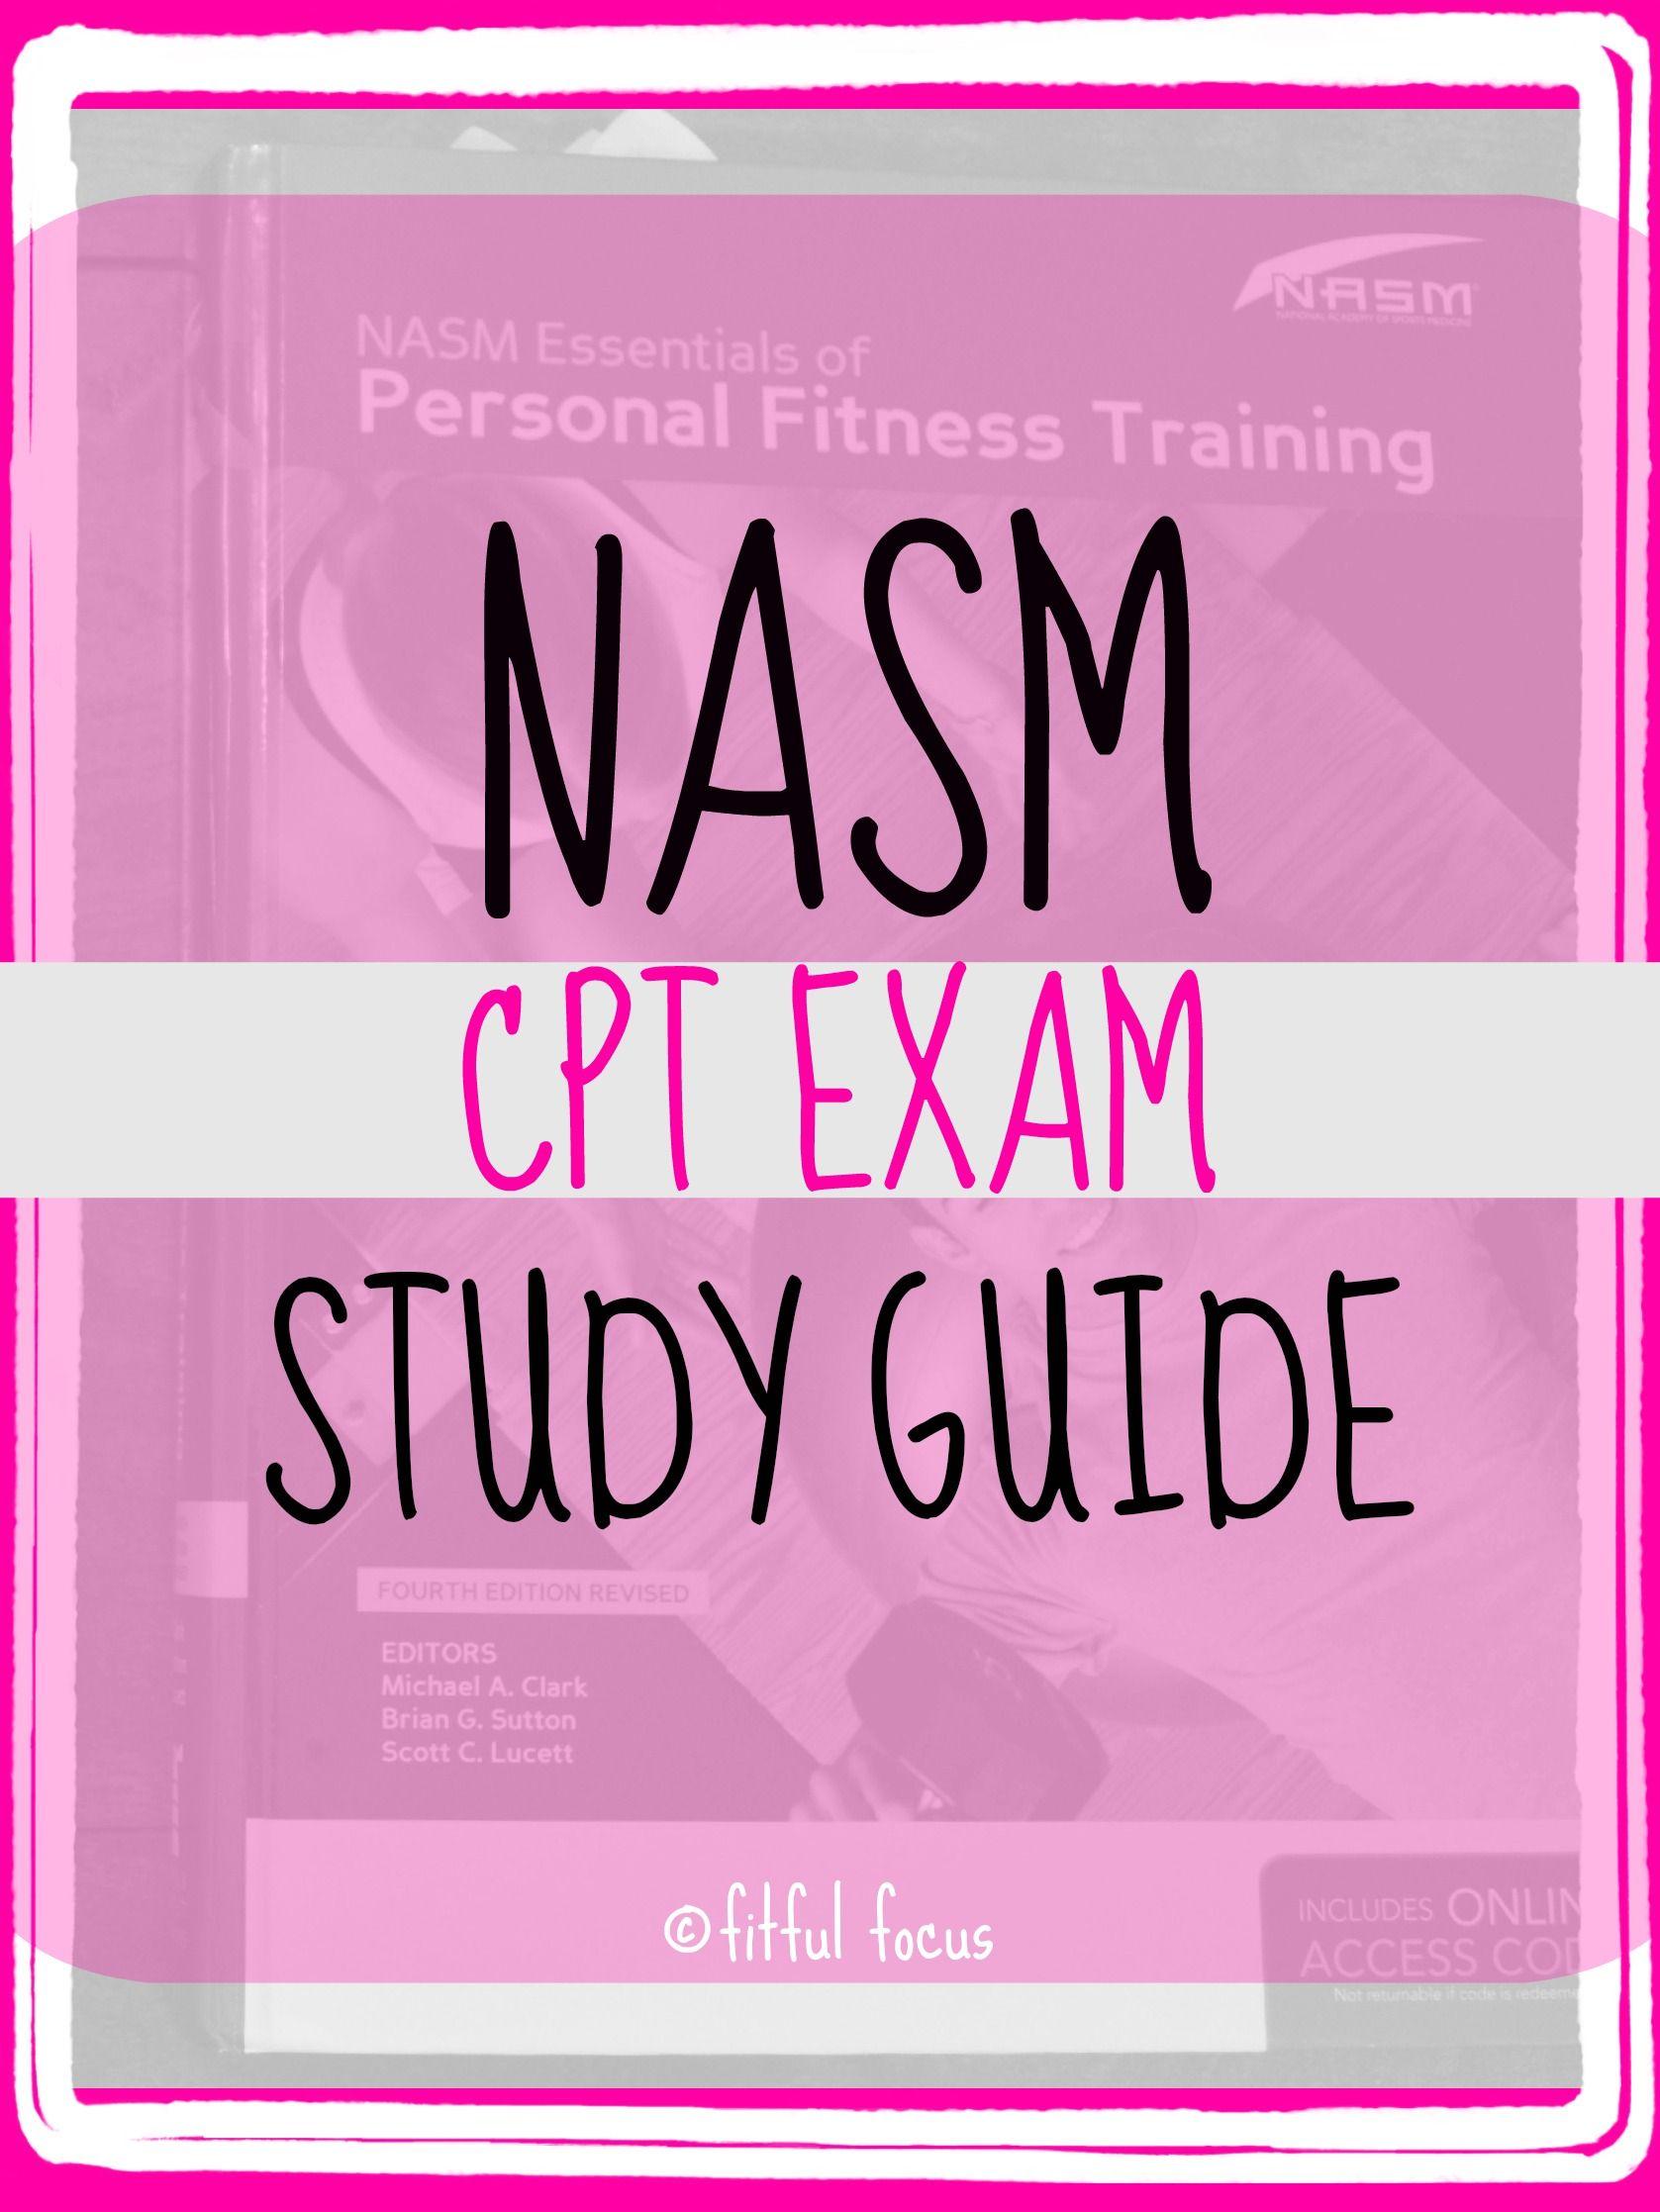 NASM cPT Study Guide via Fitful Focus